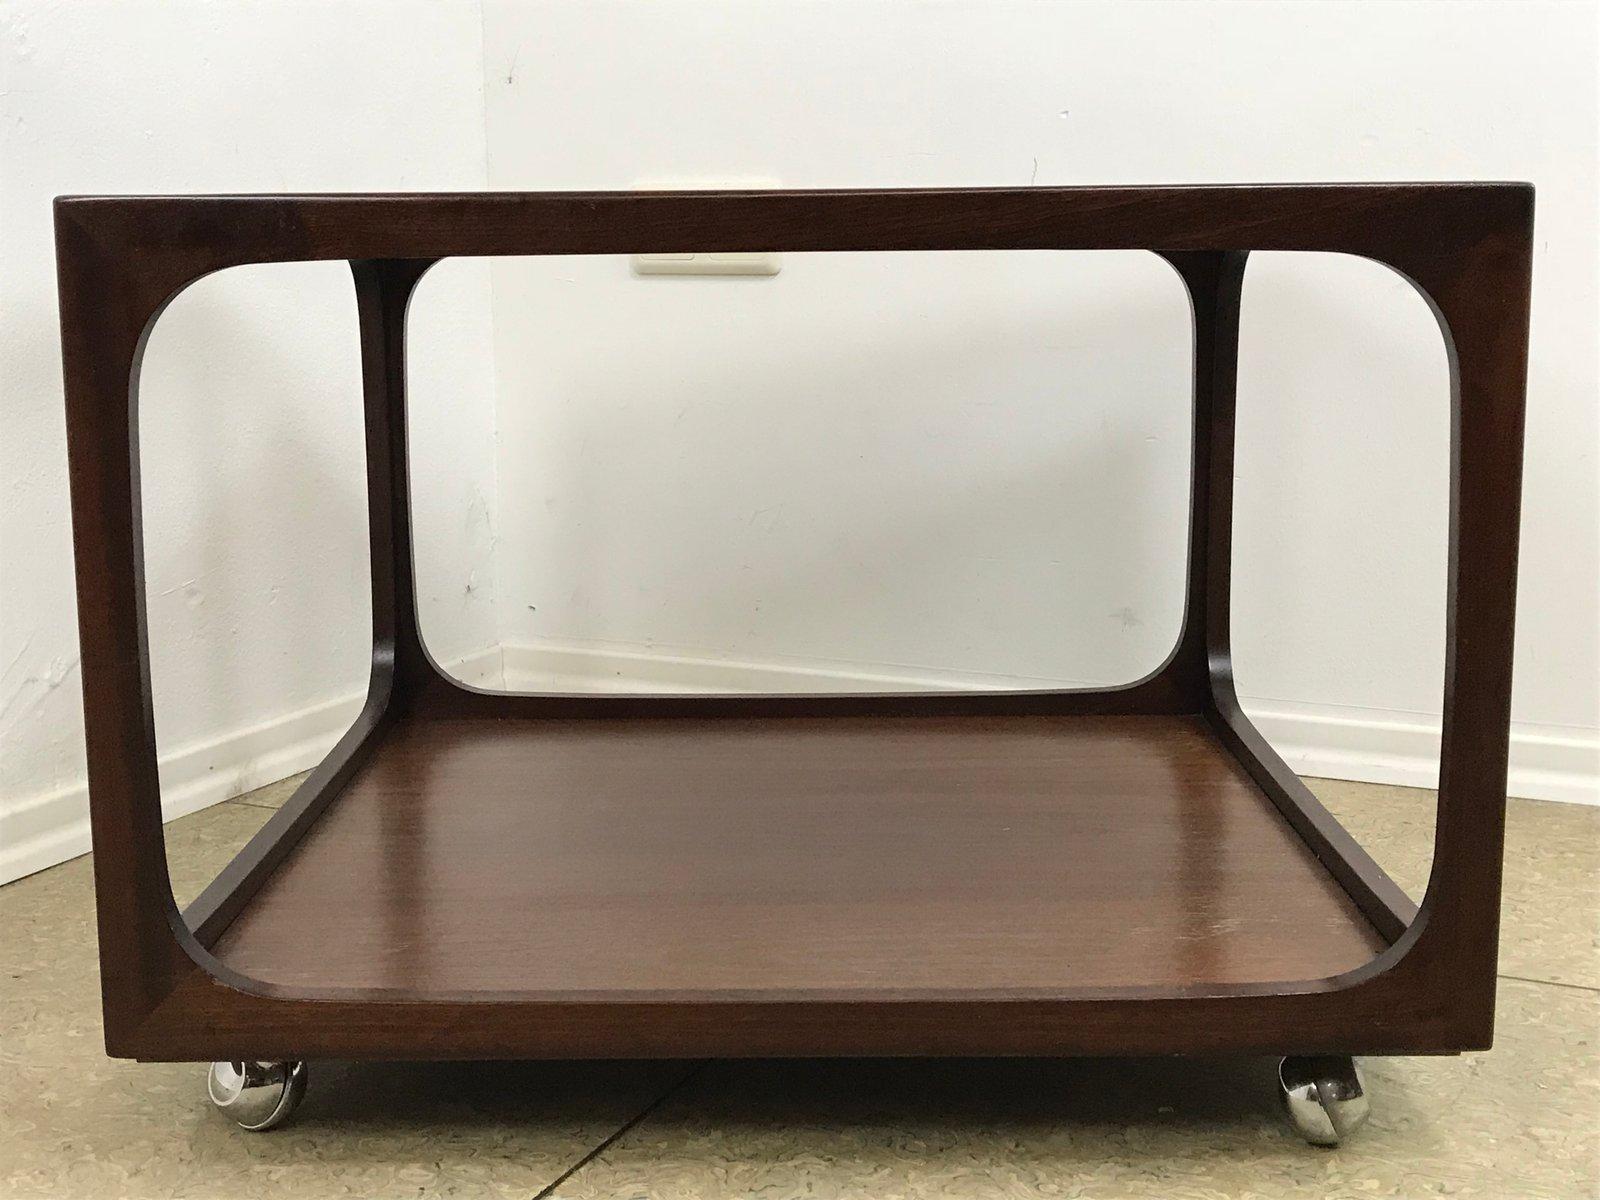 couchtisch aus glas und mahagoni von wilhelm renz 1960er bei pamono kaufen. Black Bedroom Furniture Sets. Home Design Ideas